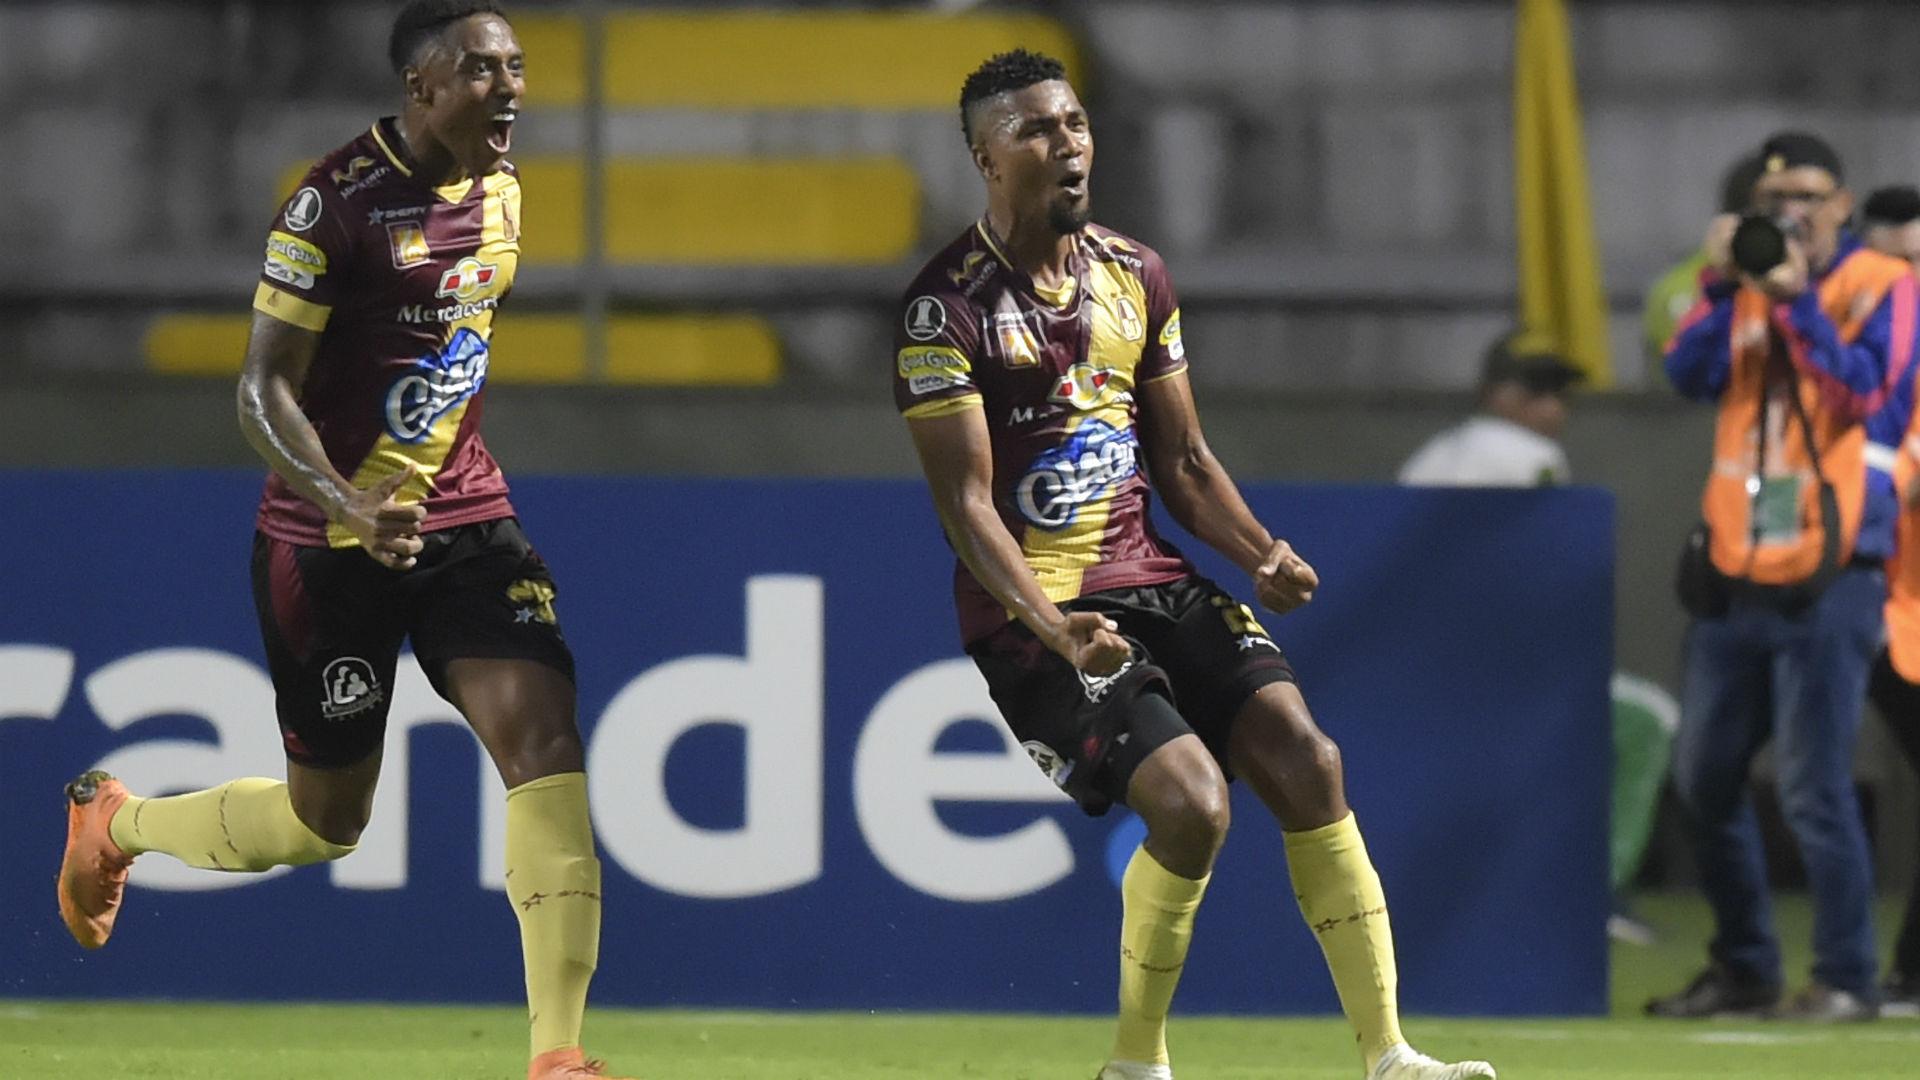 Deportes Tolima gol Copa Libertadores 2019